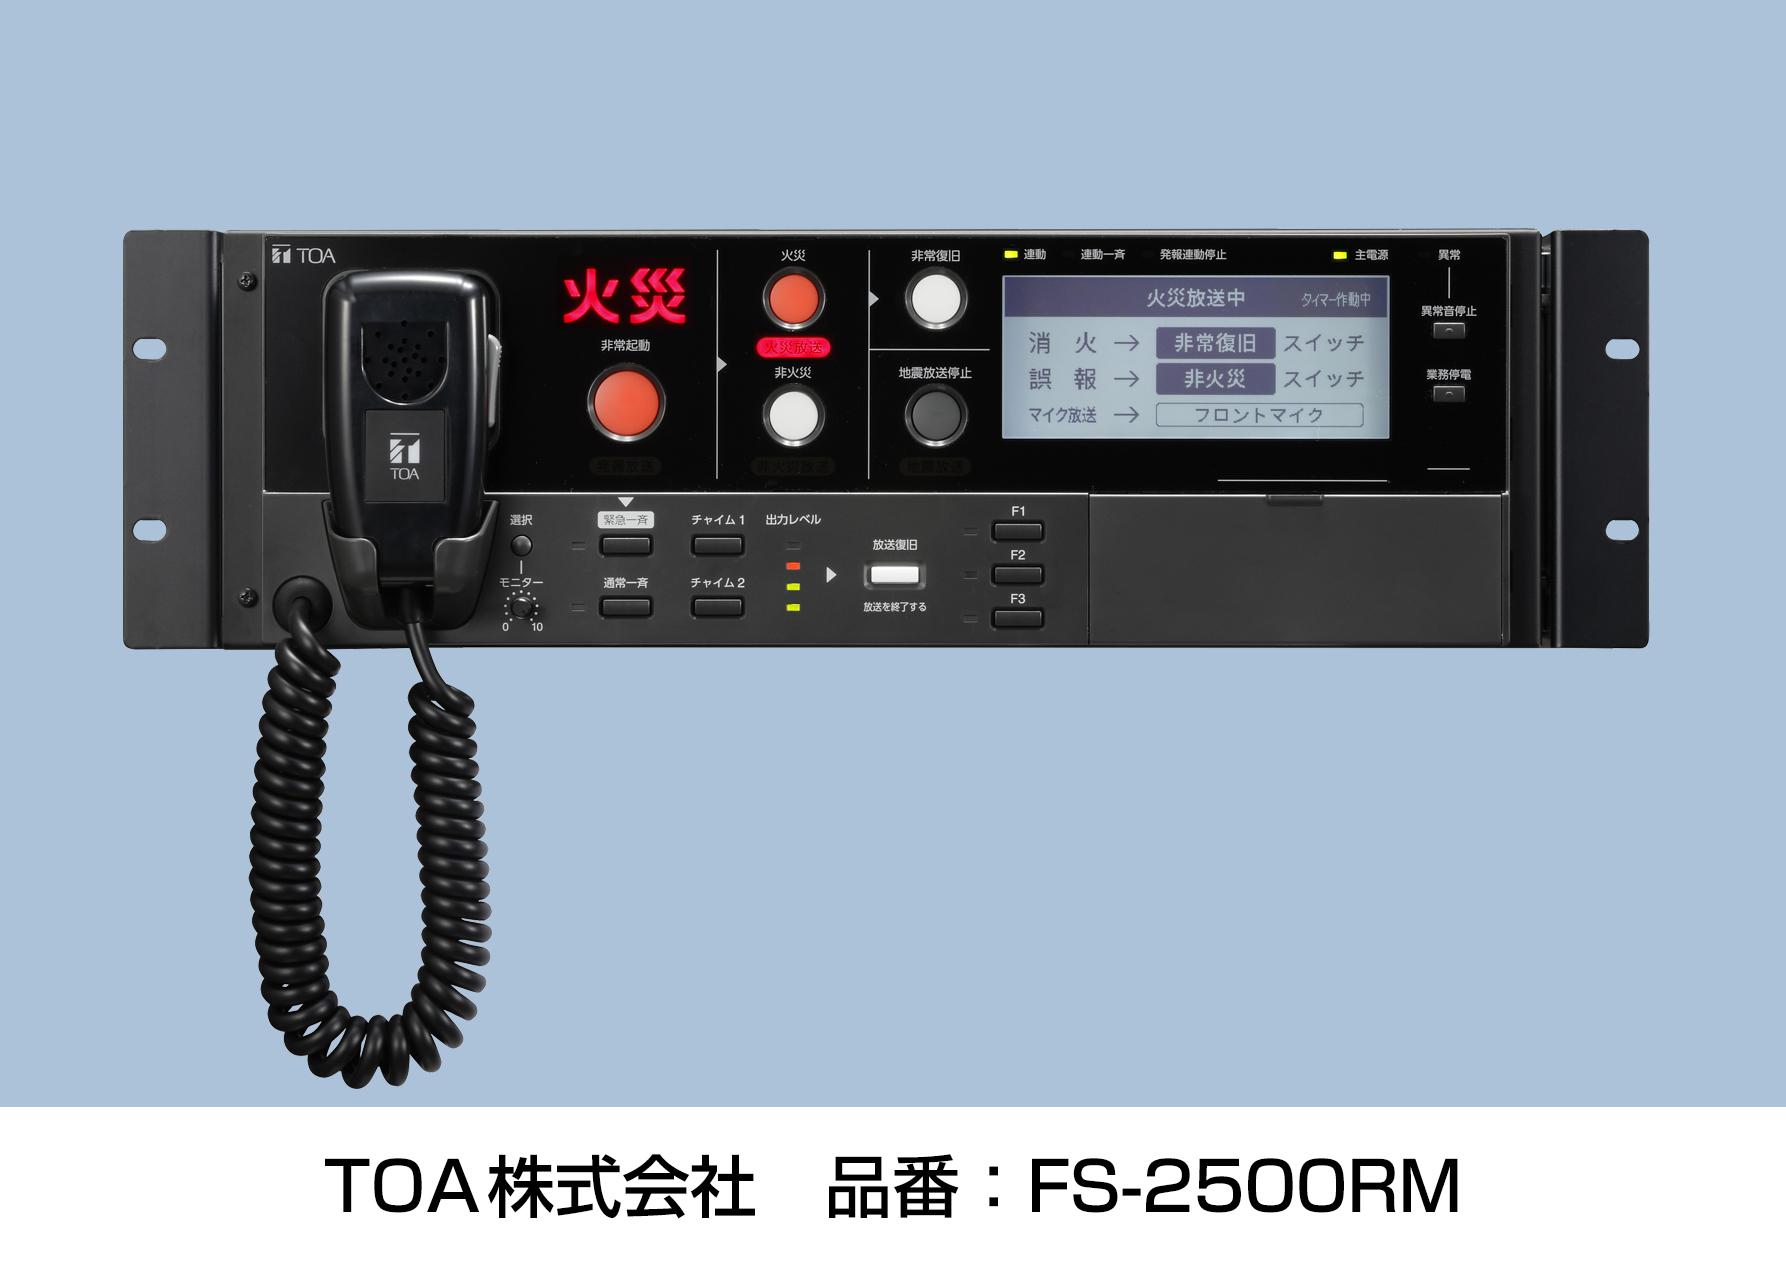 【TOA】業界最小クラスの省スペース化と大規模システムへの対応を実現した、ラック型非常用放送設備『FS-2500』新機種を発売の画像